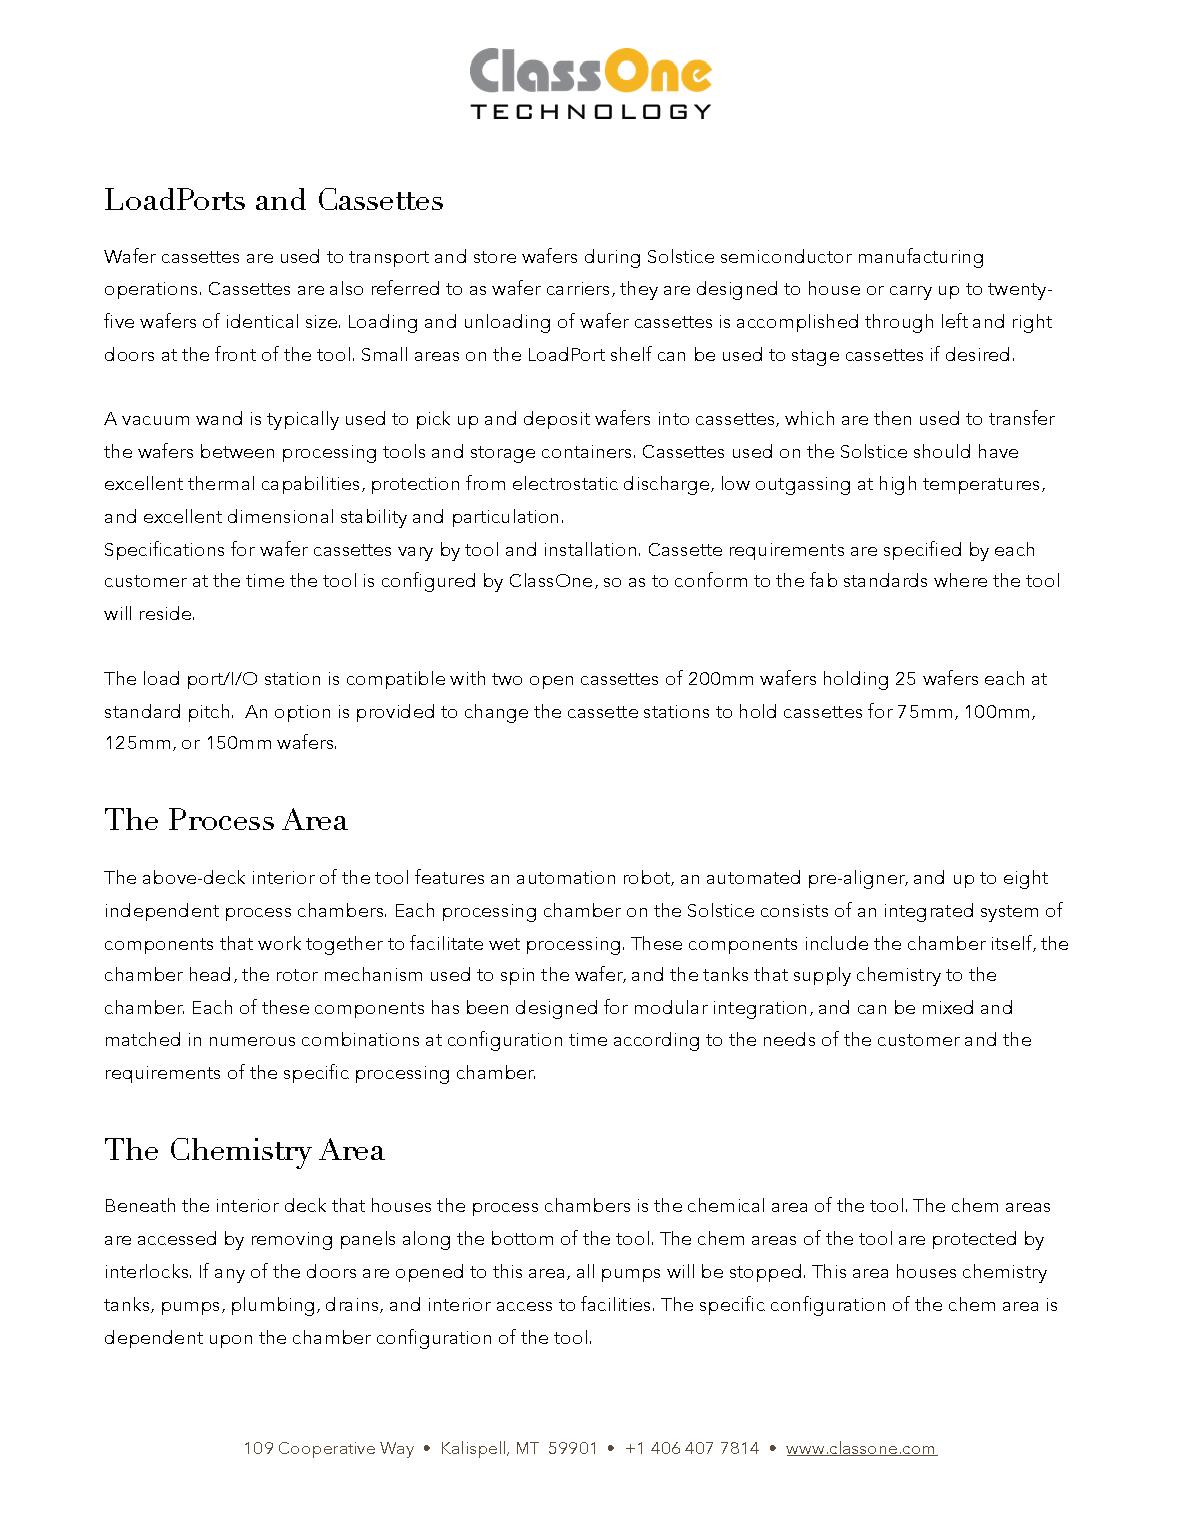 Solstice S8 Product Description_Page_04.png